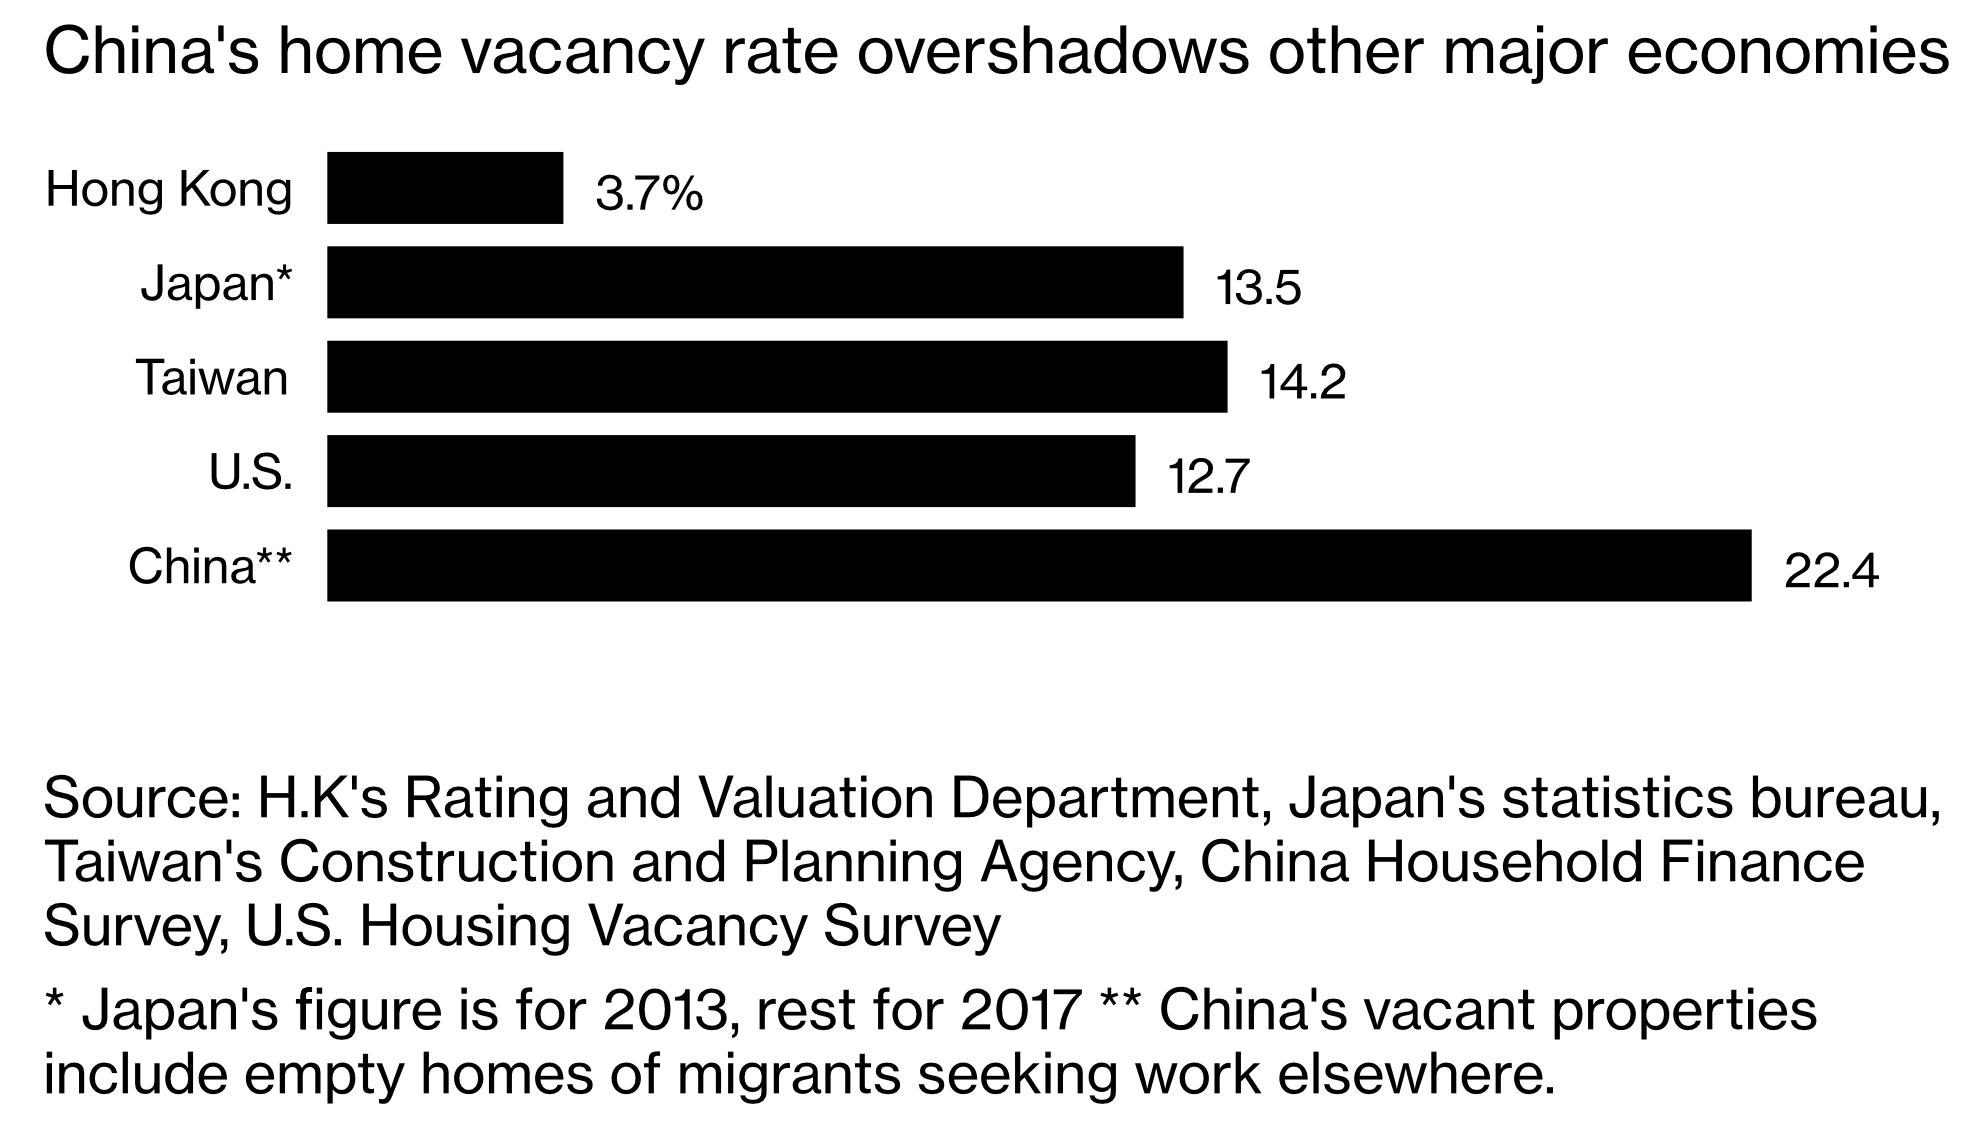 пустые дома - пузырь недвижимости Китая